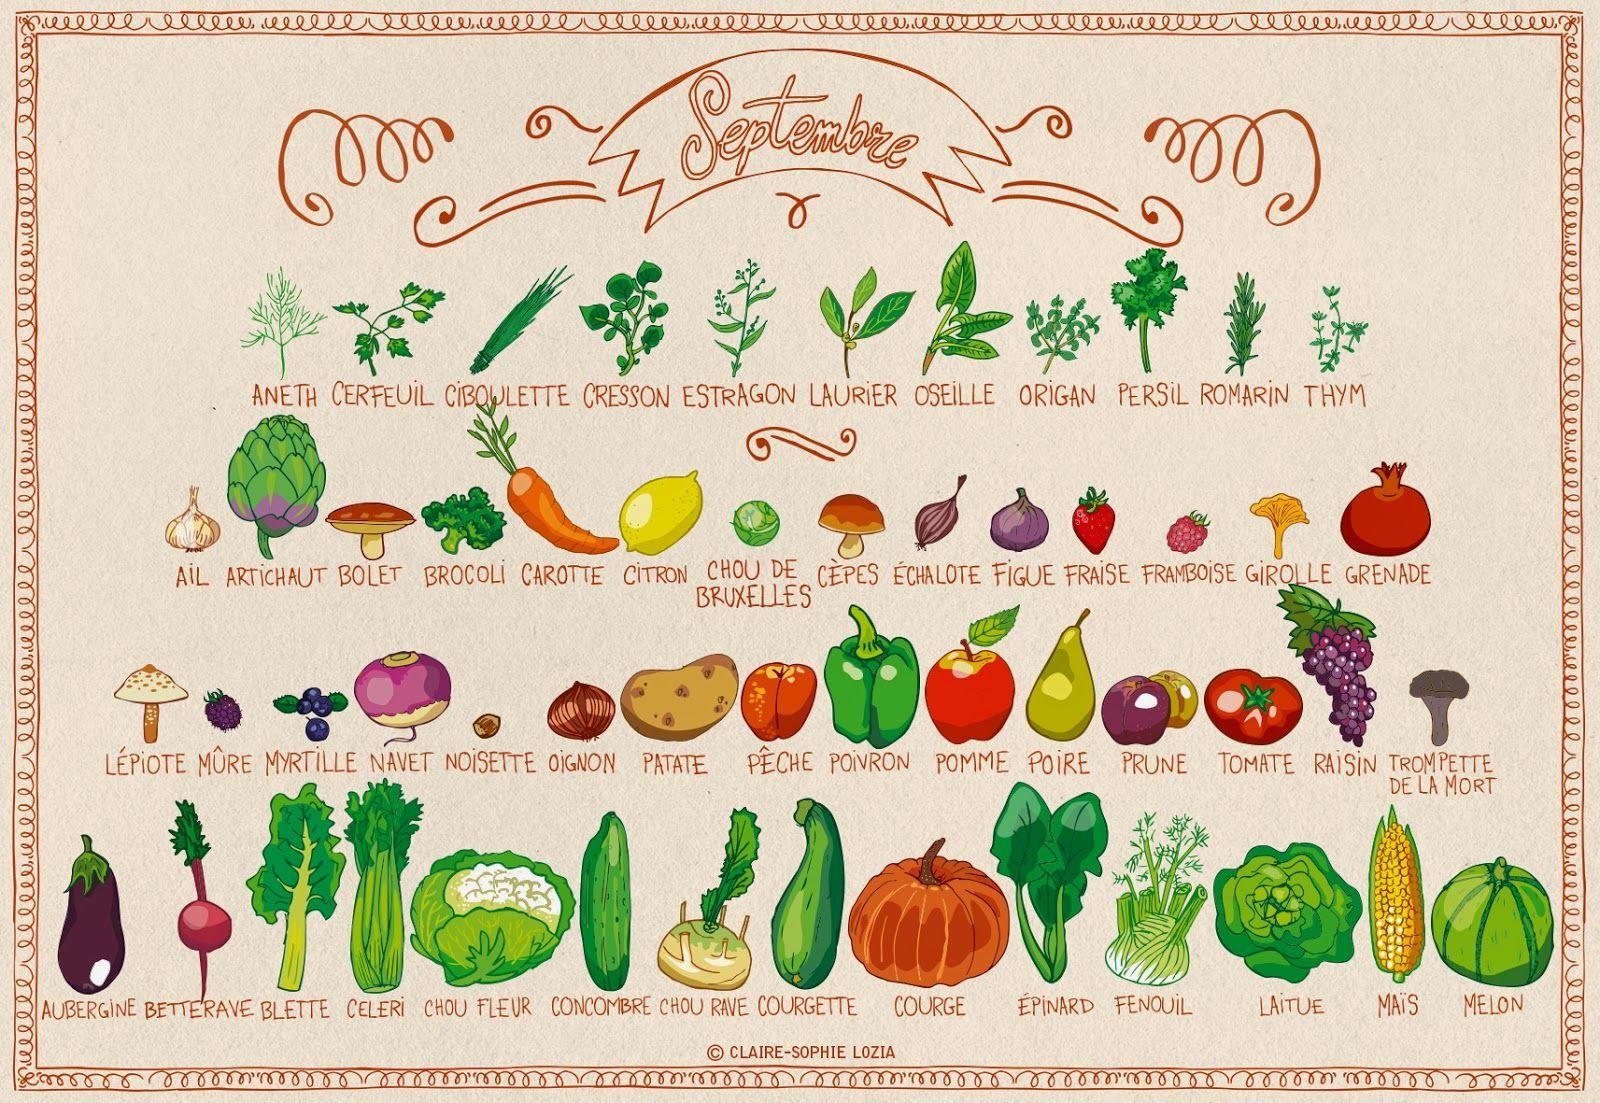 Connu Idées-recettes avec les Fruits & Légumes de Septembre | Pissenlits  CR52